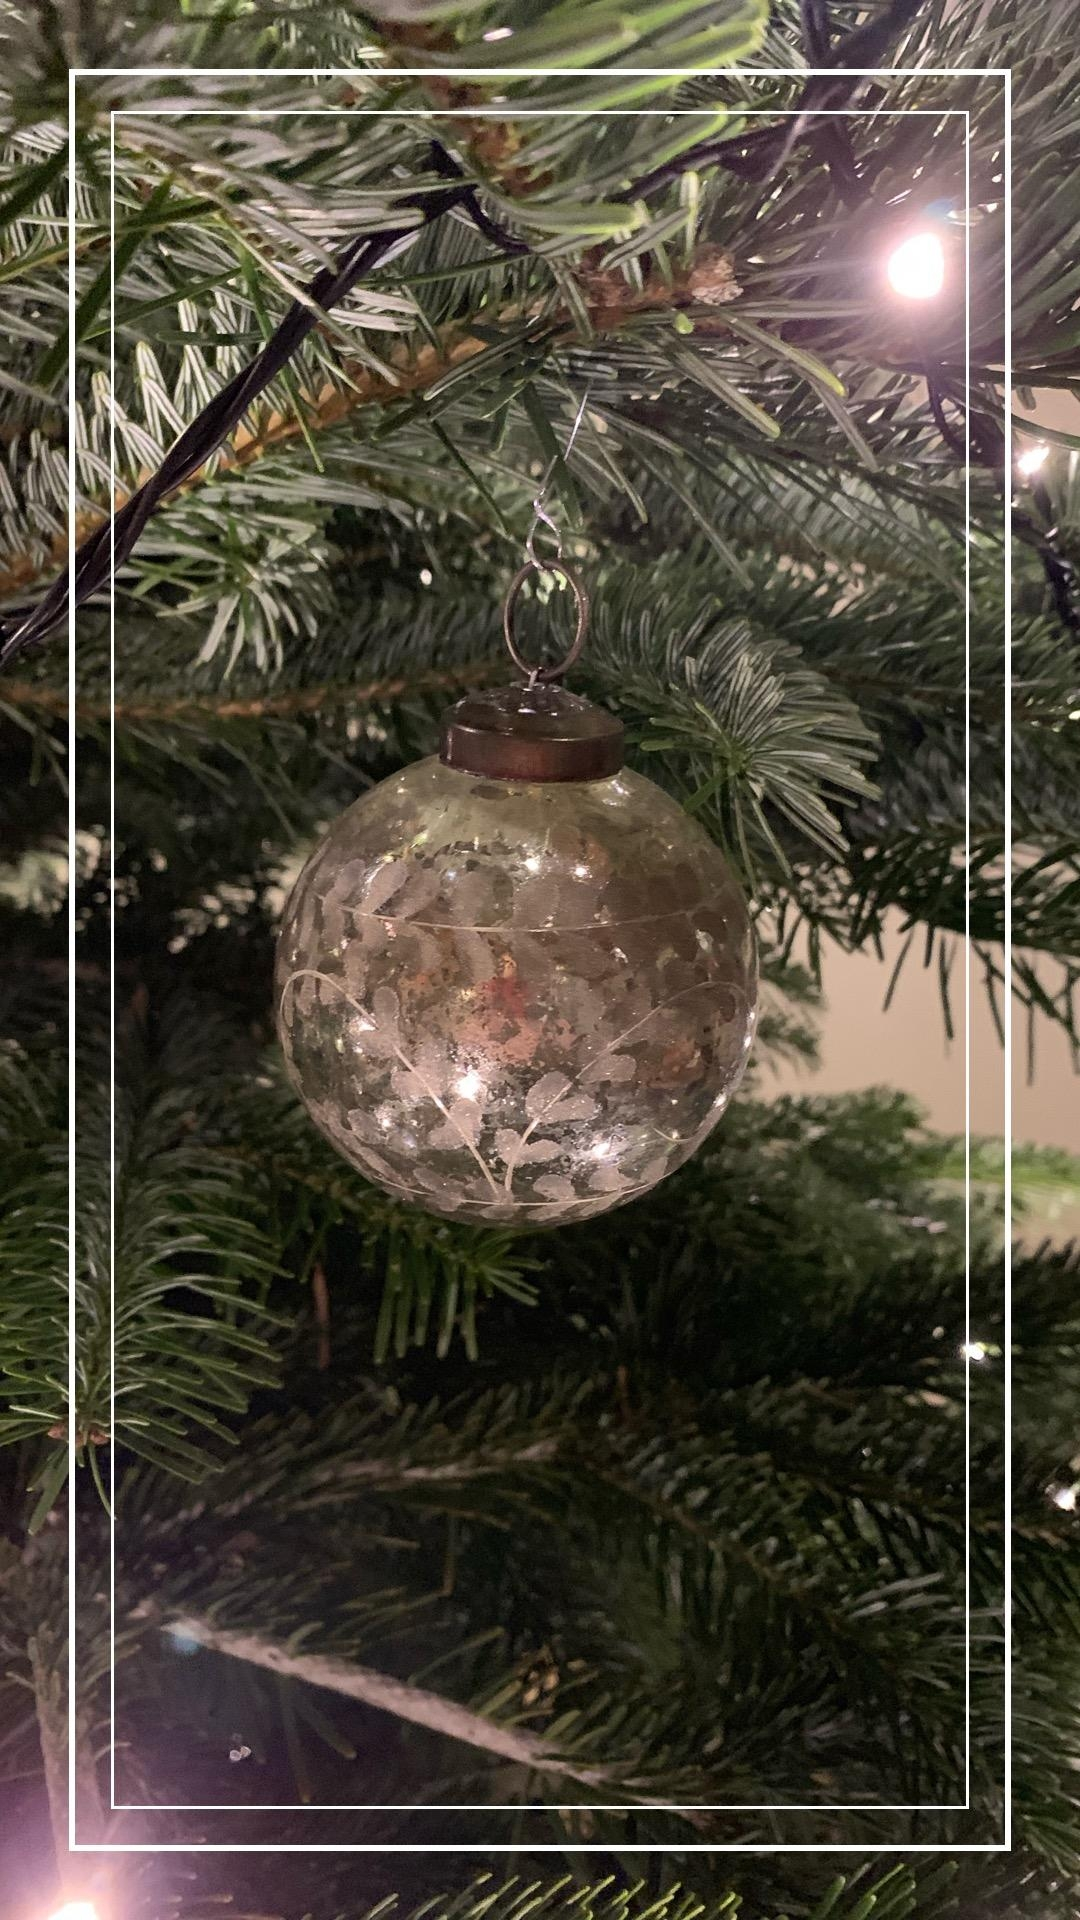 Weihnachtsdeko Kugeln Groß.Weihnachtsdeko Ideen Lass Dich Inspirieren